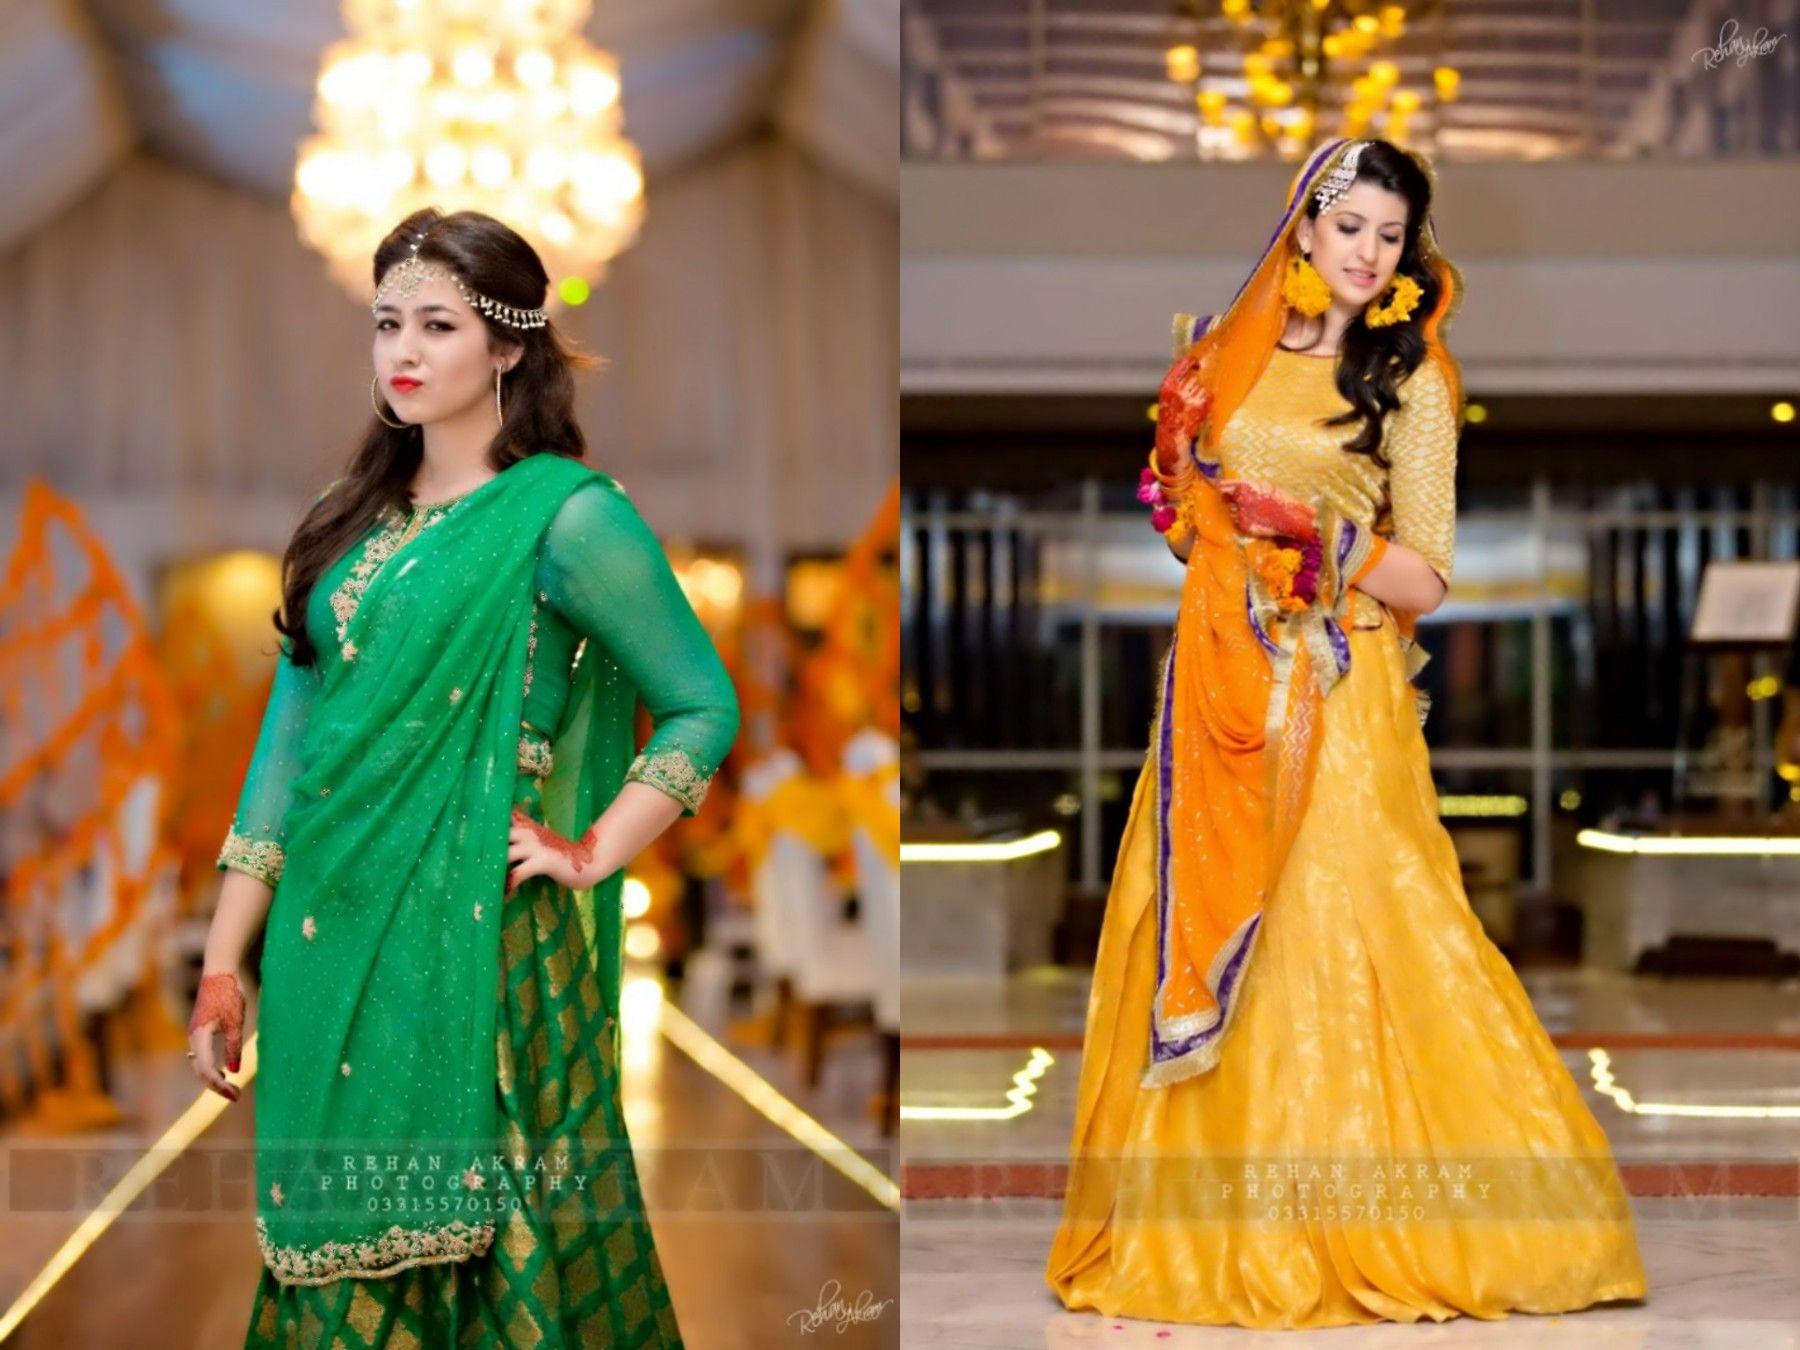 Mehndi Clothes For Brides : Photography by rehan akram mehndi mayoo'n bridal dress